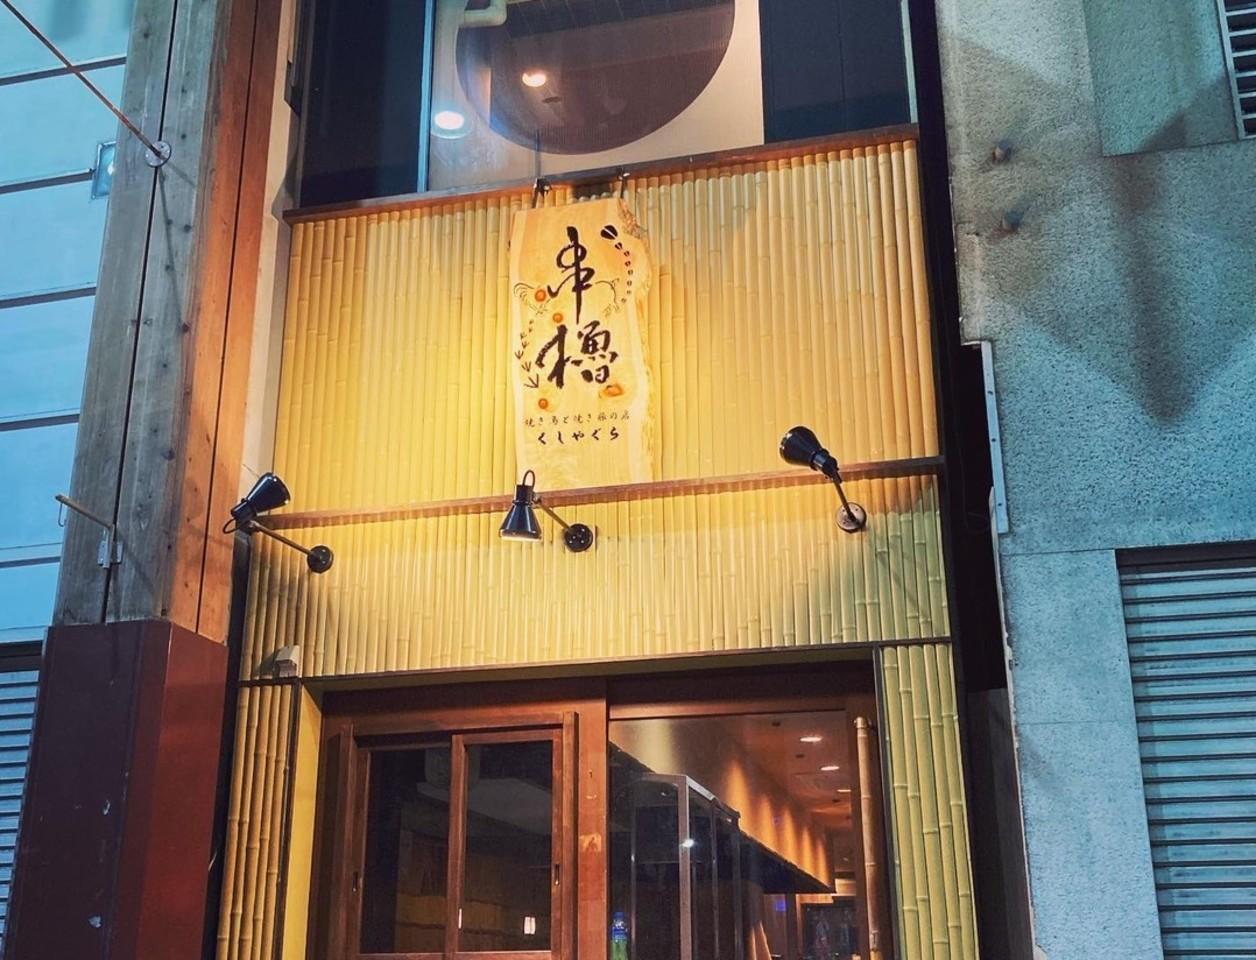 高知県高知市はりまや町1丁目に「串櫓(くしやぐら)」が明日オープンのようです。